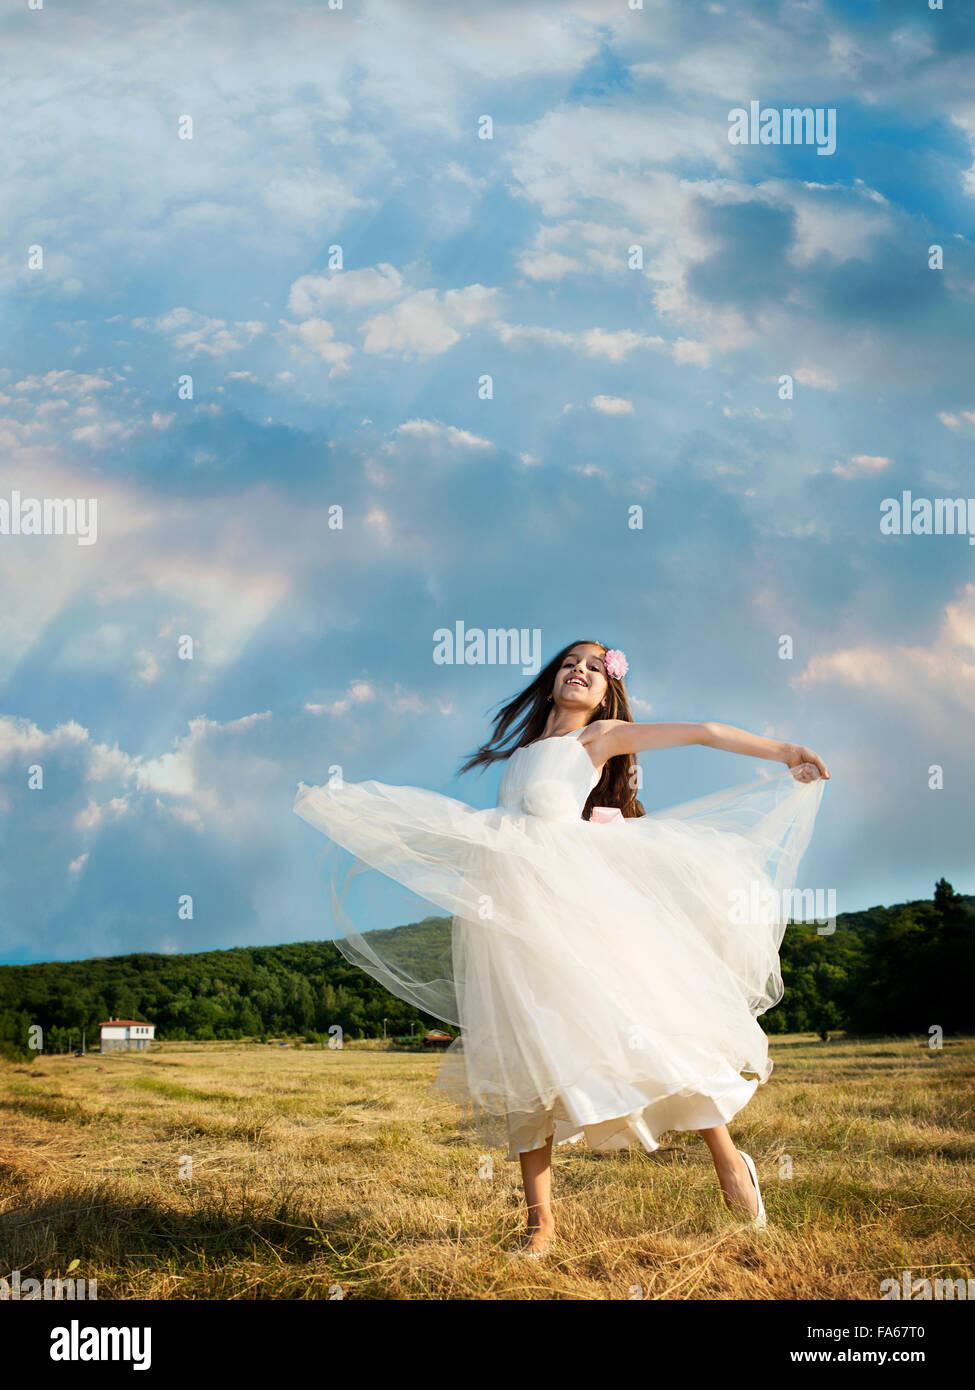 vertikal, draußen, Tag, echte Menschen, eine Person, Mädchen, ein Mädchen nur, Kinder, ein Kind nur, Stockbild